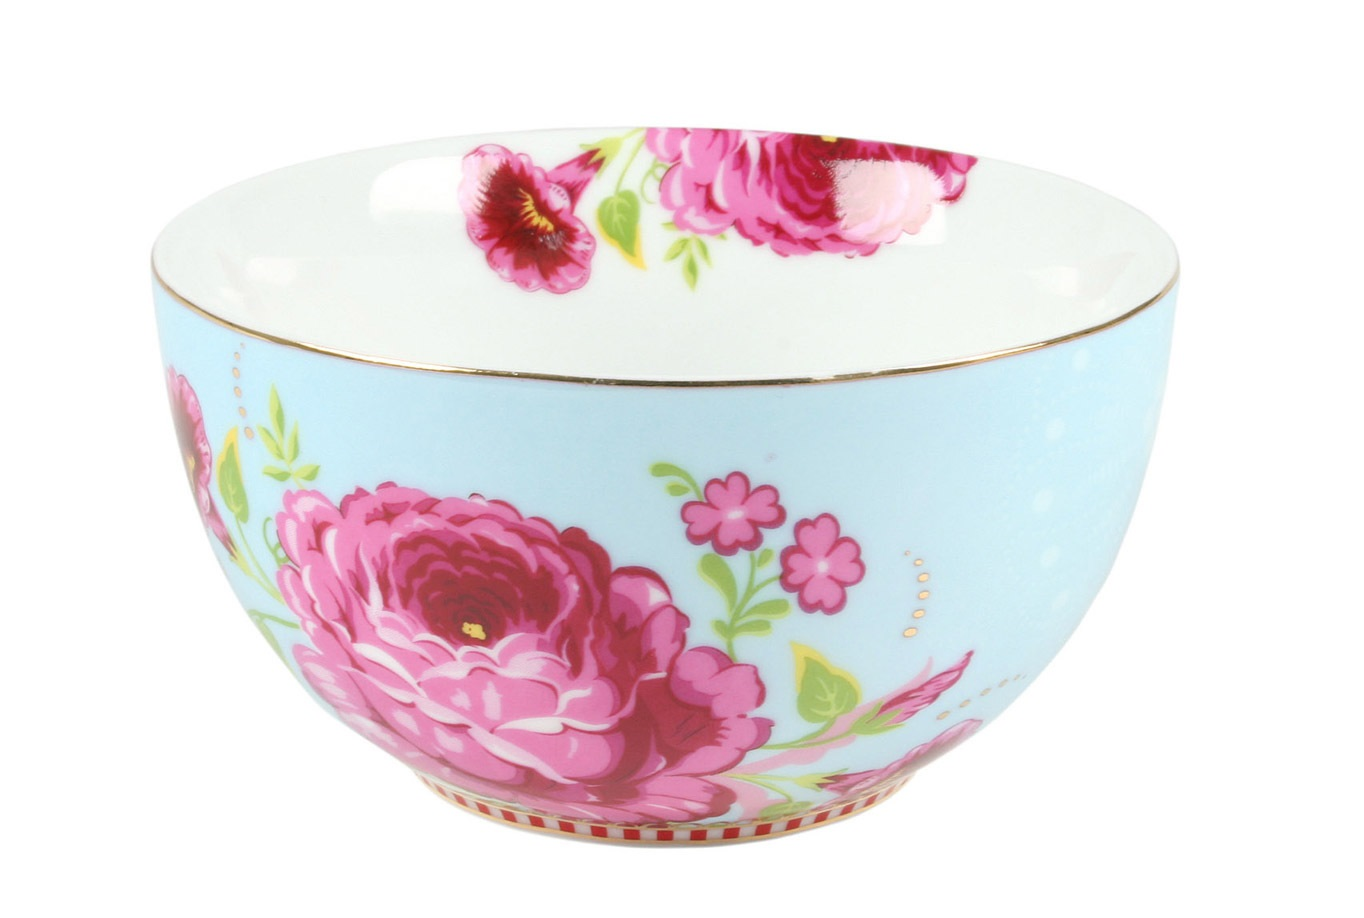 Набор пиал Floral (2шт)Миски и чаши<br>Коллекция посуды Floral появилась в 2008 г. и состоит из нескольких дизайнов, которые прекрасно сочетаются между собой и отлично дополняют друг друга. Особенность коллекции - в декорировании цветами, птицами и позолотой на всех предметах. Коллекция состоит из трёх цветовых групп - розовой, хаки и голубой, которые можно бесконечно комбинировать между собой. Коллекция также включает в себя кухонный текстиль и стекло.&amp;lt;div&amp;gt;&amp;lt;br&amp;gt;&amp;lt;/div&amp;gt;&amp;lt;div&amp;gt;&amp;lt;span style=&amp;quot;font-size: 14px;&amp;quot;&amp;gt;Не использовать в микроволновой печи. Не рекомендуется мыть в посудомоечной машине.&amp;amp;nbsp;&amp;lt;/span&amp;gt;&amp;lt;br&amp;gt;&amp;lt;/div&amp;gt;<br><br>Material: Фарфор<br>Высота см: 7